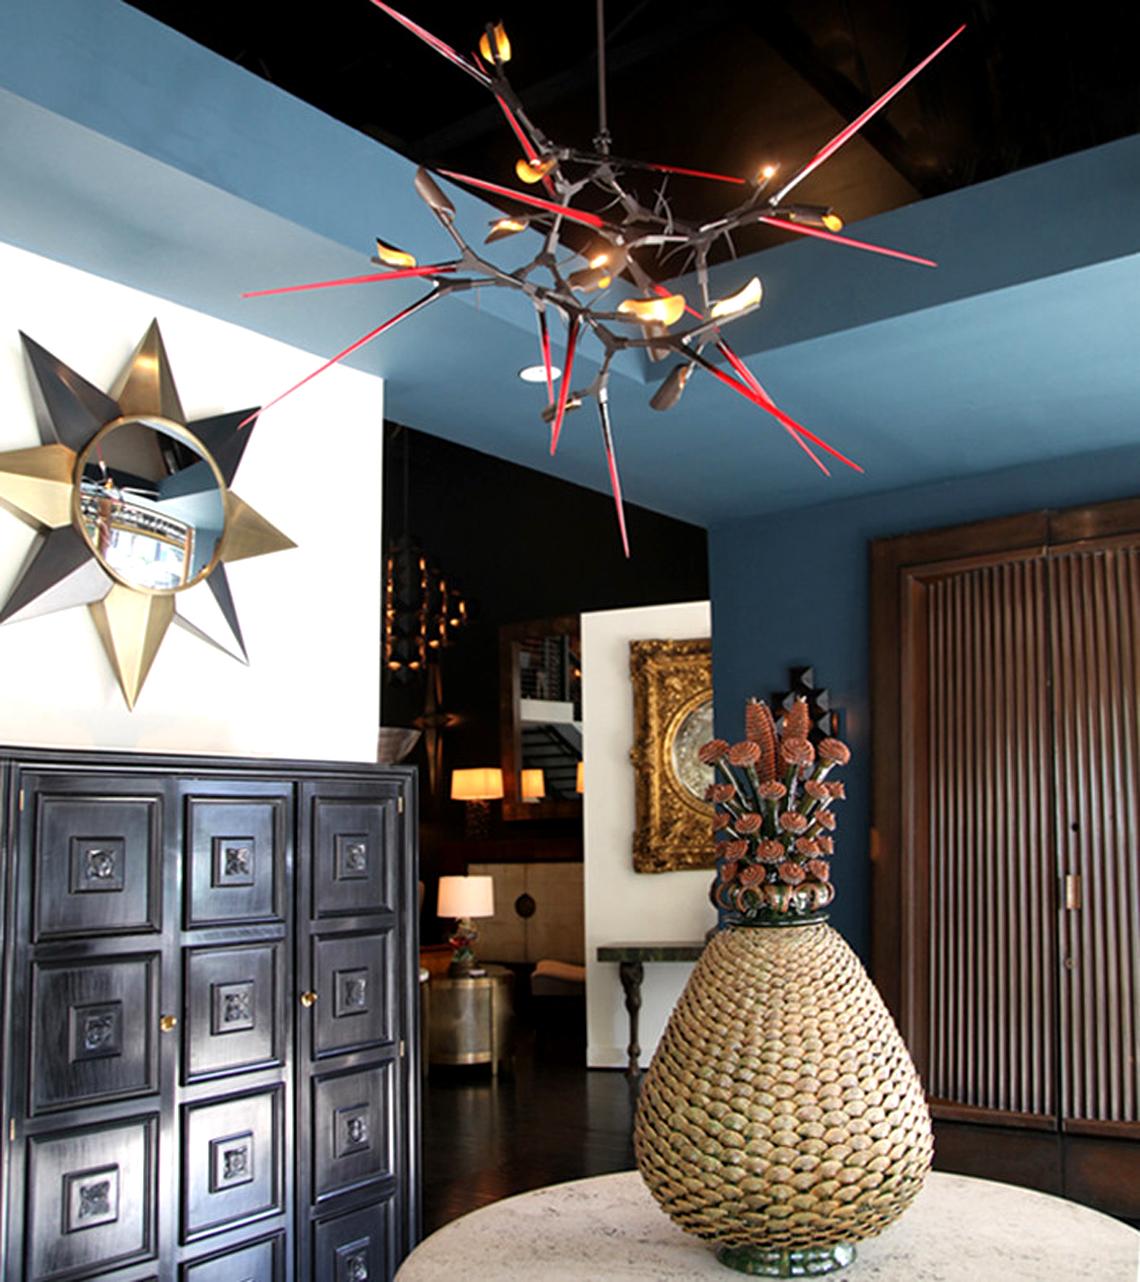 Этот своеобразный подвесной светильник выпущен фабрикой BlackmanCruz, находящейся в США. Spike and Thorn вручную выкован из бронзы и латуни, а также украшен элементами из дутого стекла.